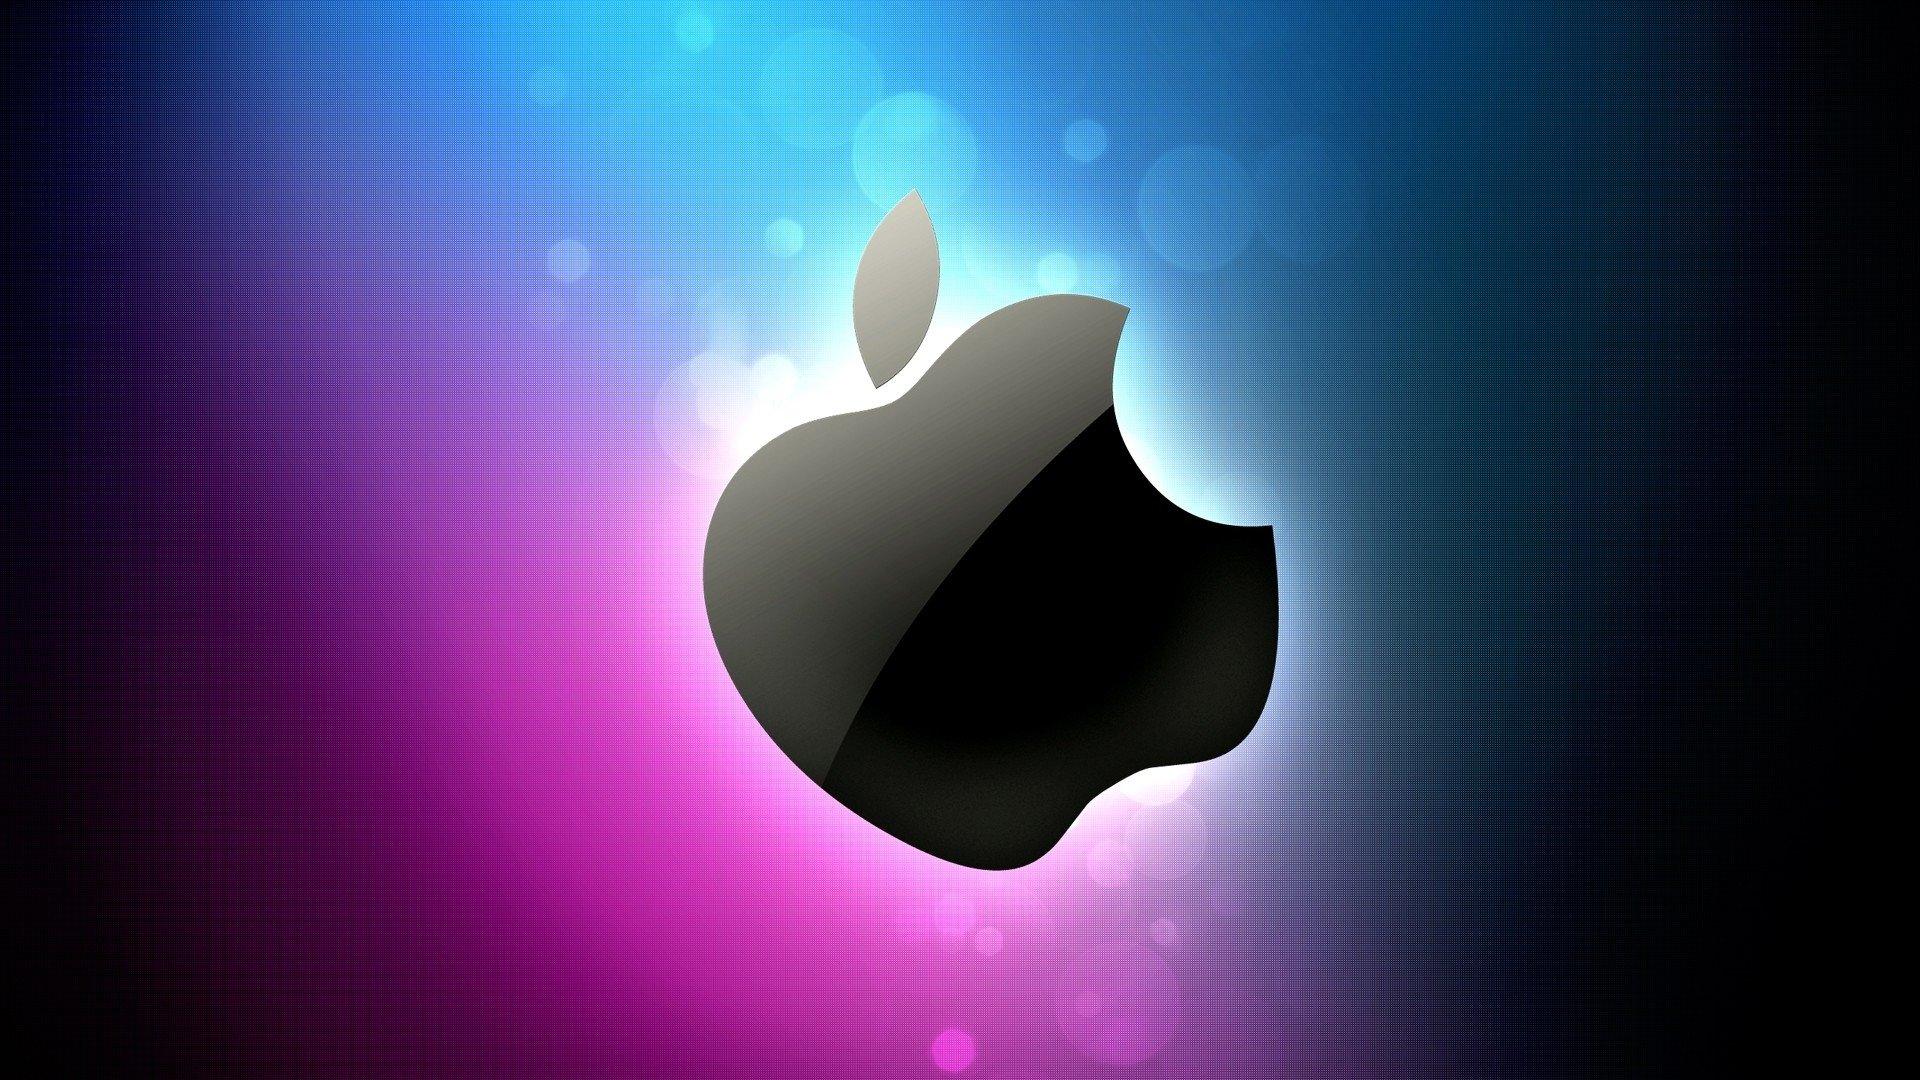 logo da apple colorido